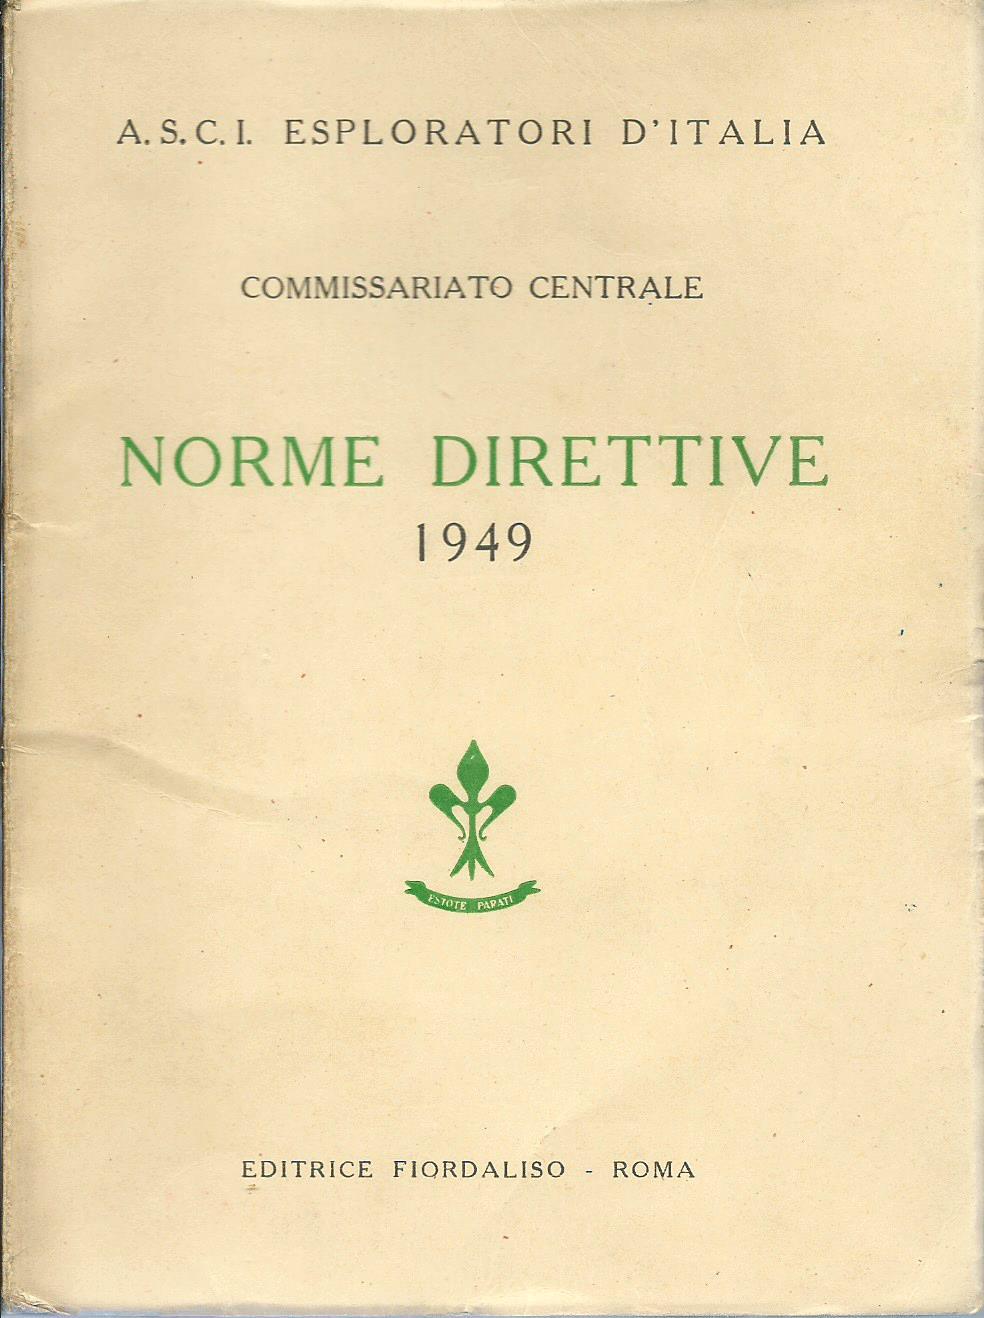 Norme Direttive 1949